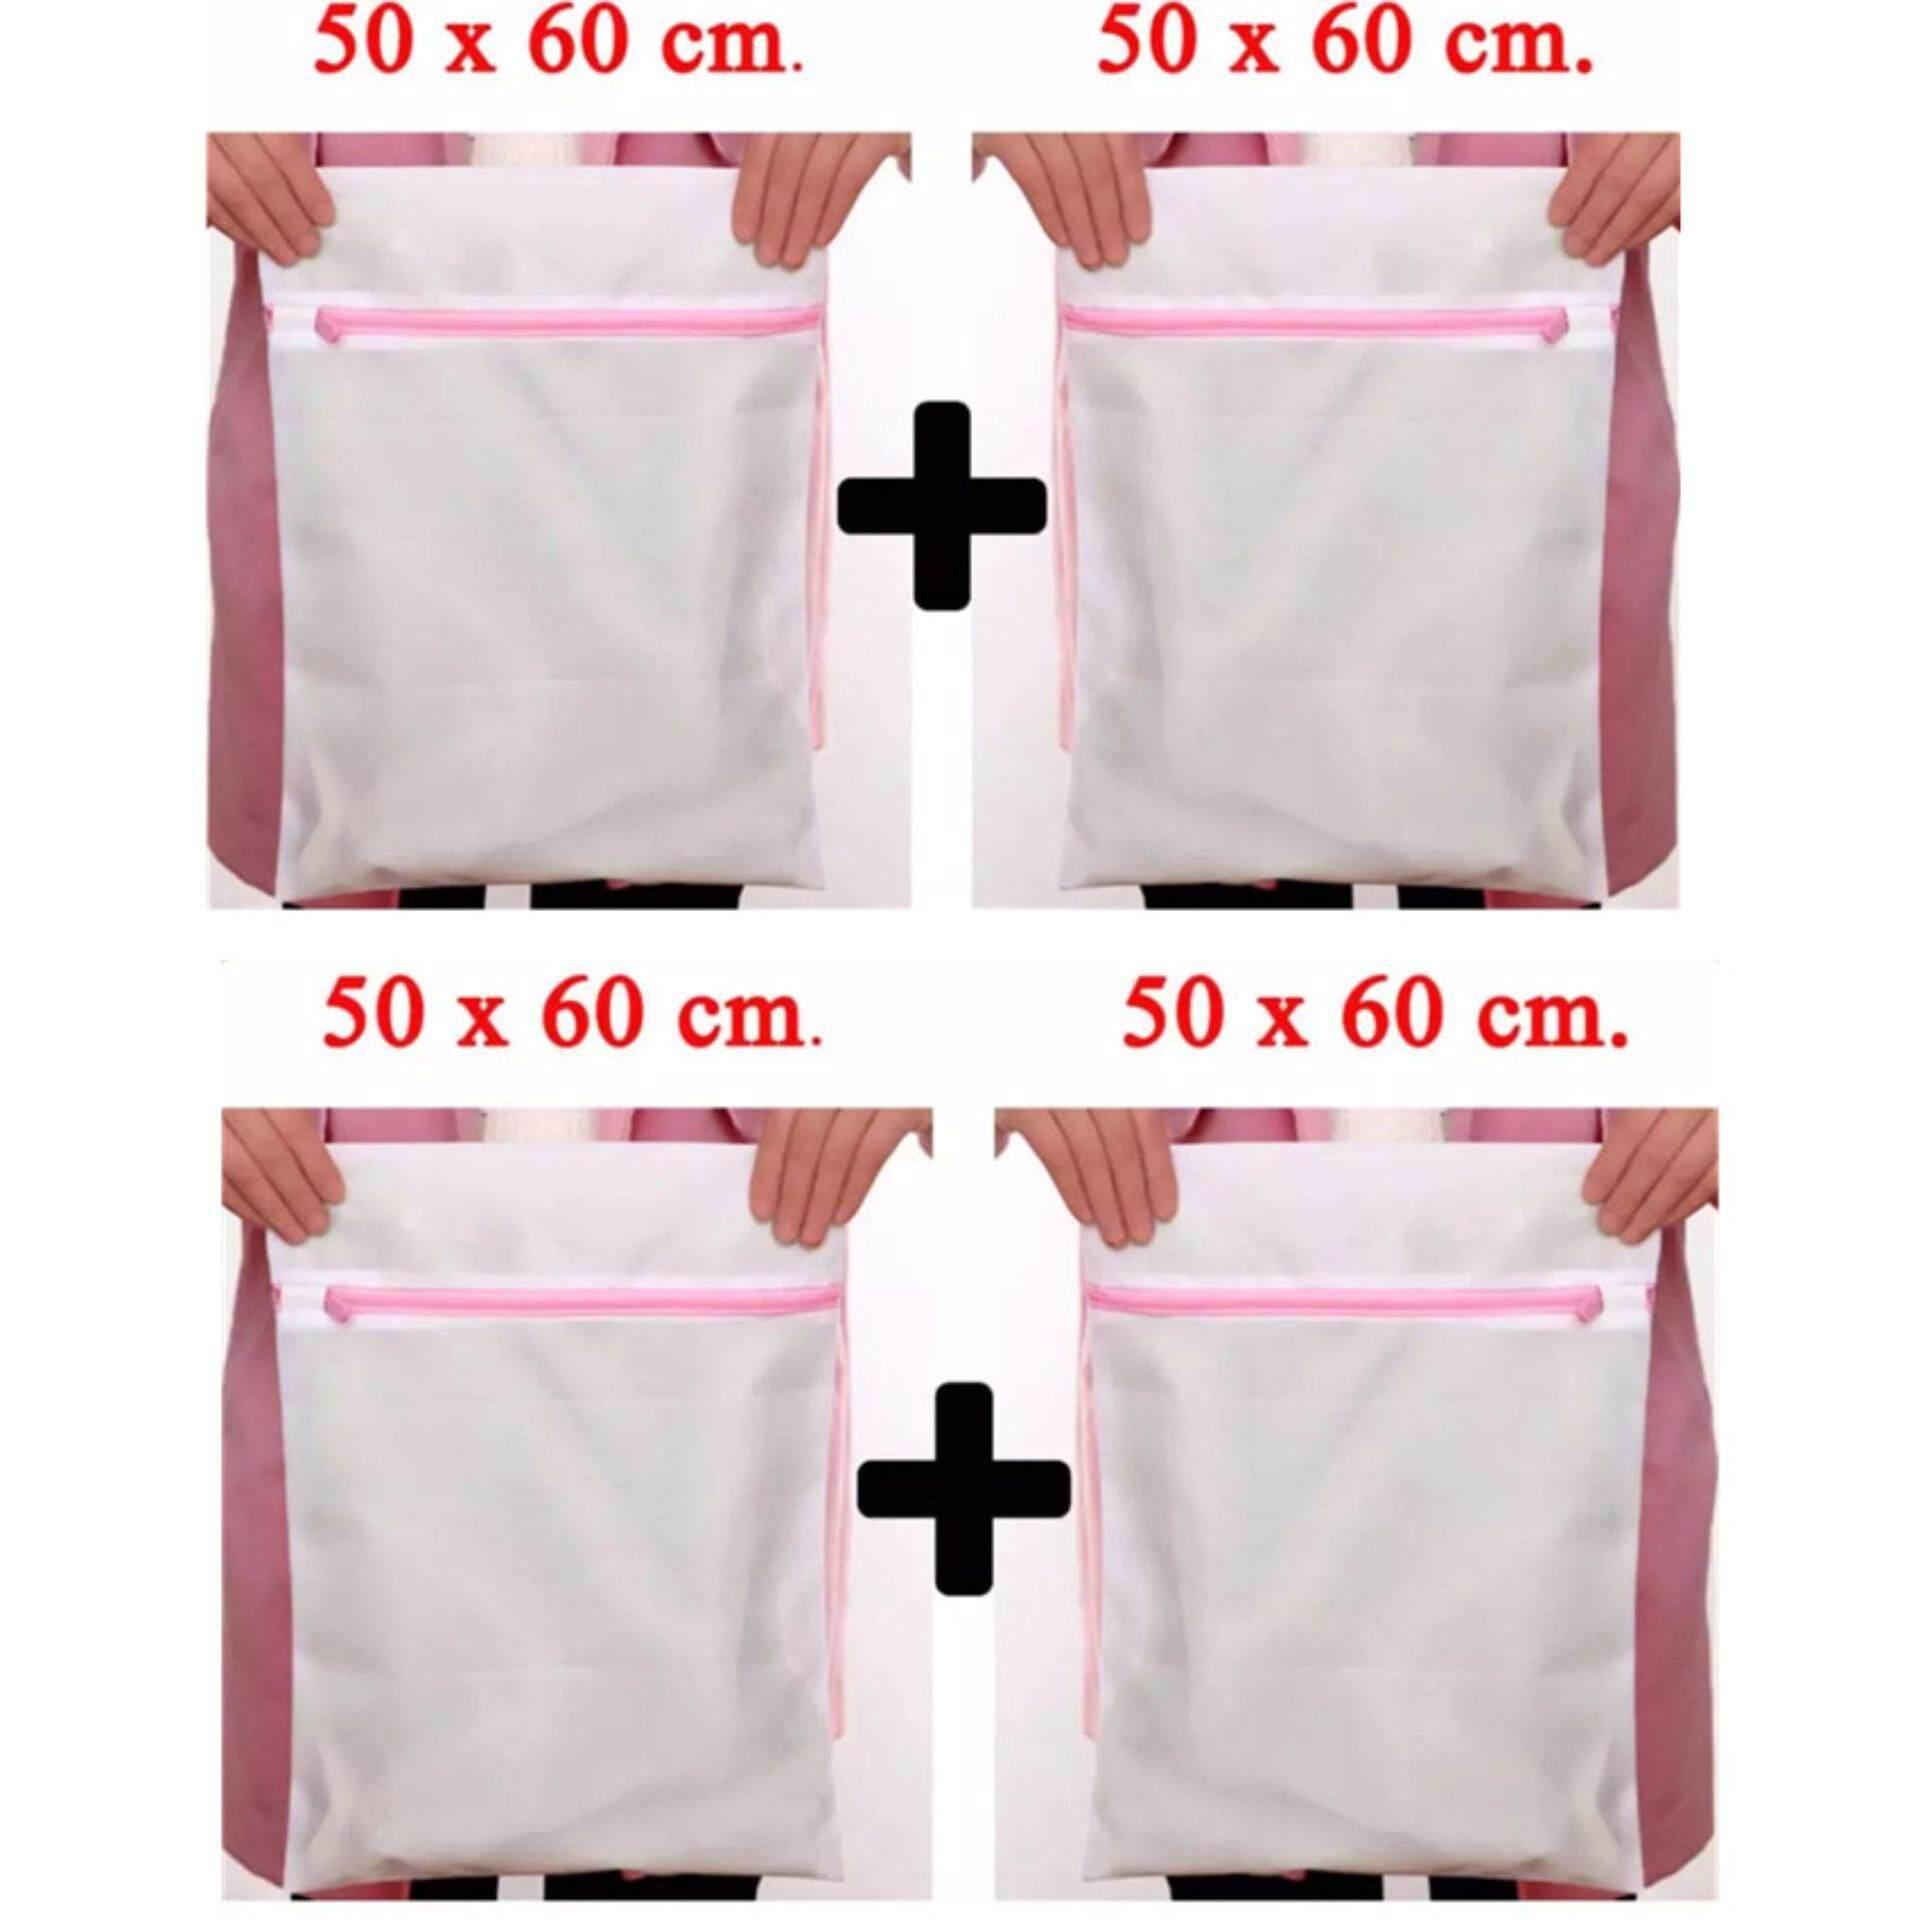 50x60 cm. ขนาดใหญ่ ถุงซักผ้า ถุงตาข่ายเนื้อละเอียด สำหรับซักถนอมผ้า ถุงซิป ถุงตาข่าย สำหรับชุดชั้นใน ถุงเท้าชั้นใน เสื้อผ้าที่ต้องการถนอม (4ชิ้น)